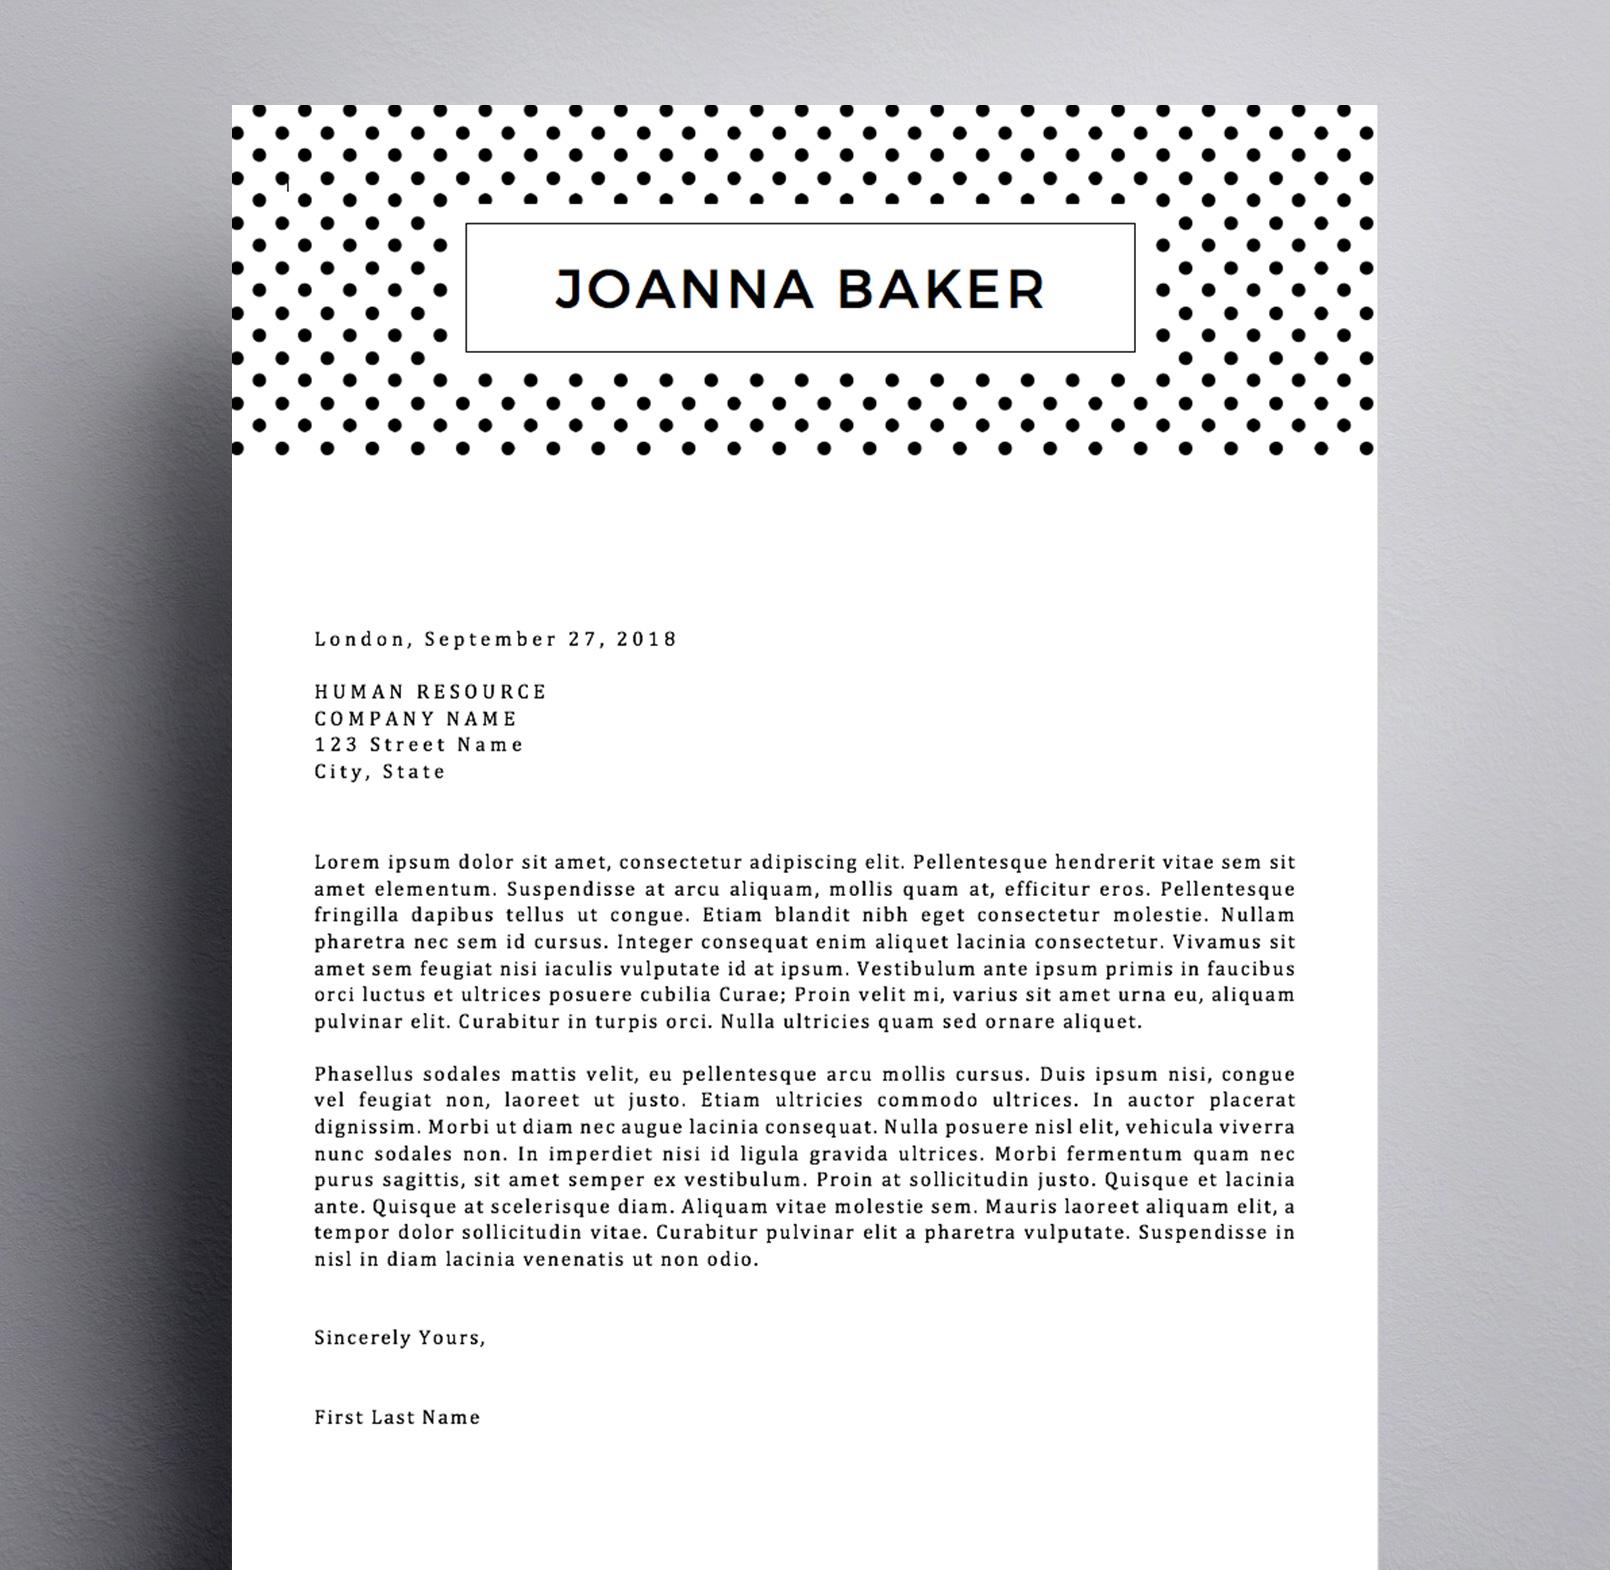 Joanna Baker Cover Letter Kukook